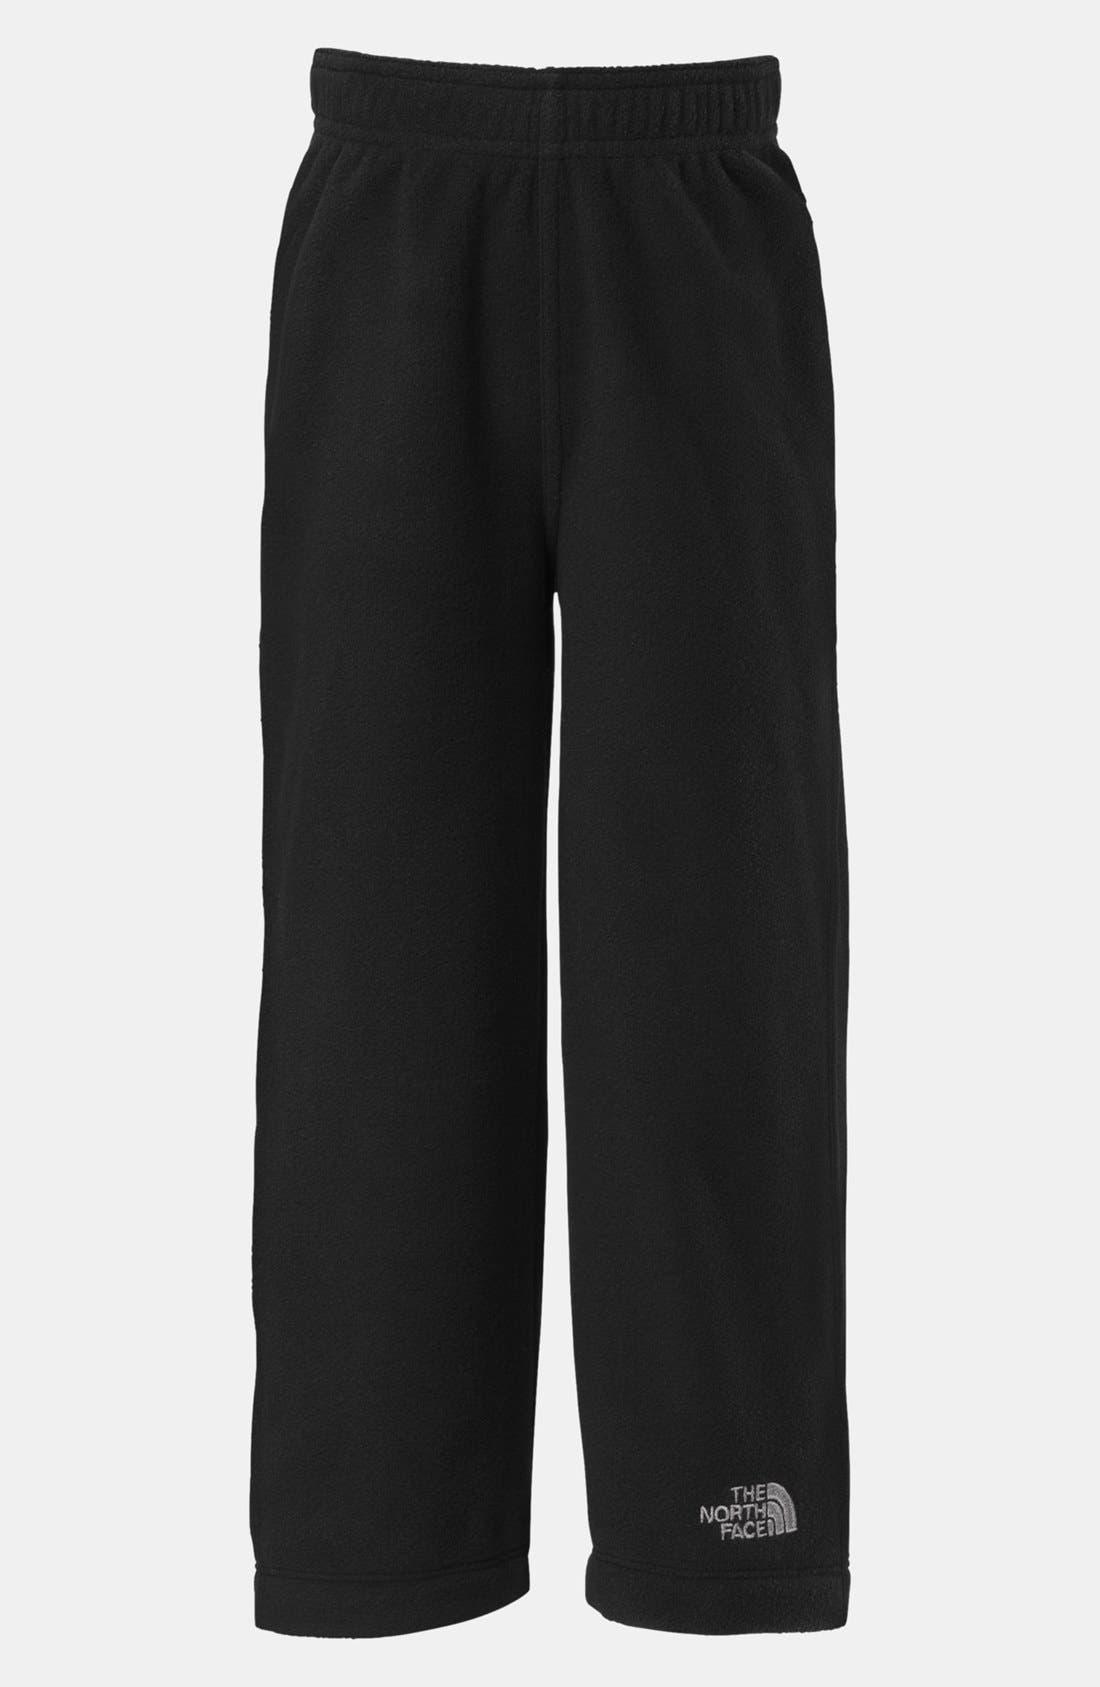 Main Image - The North Face 'Glacier' Polartec® Fleece Pants (Toddler Boys)